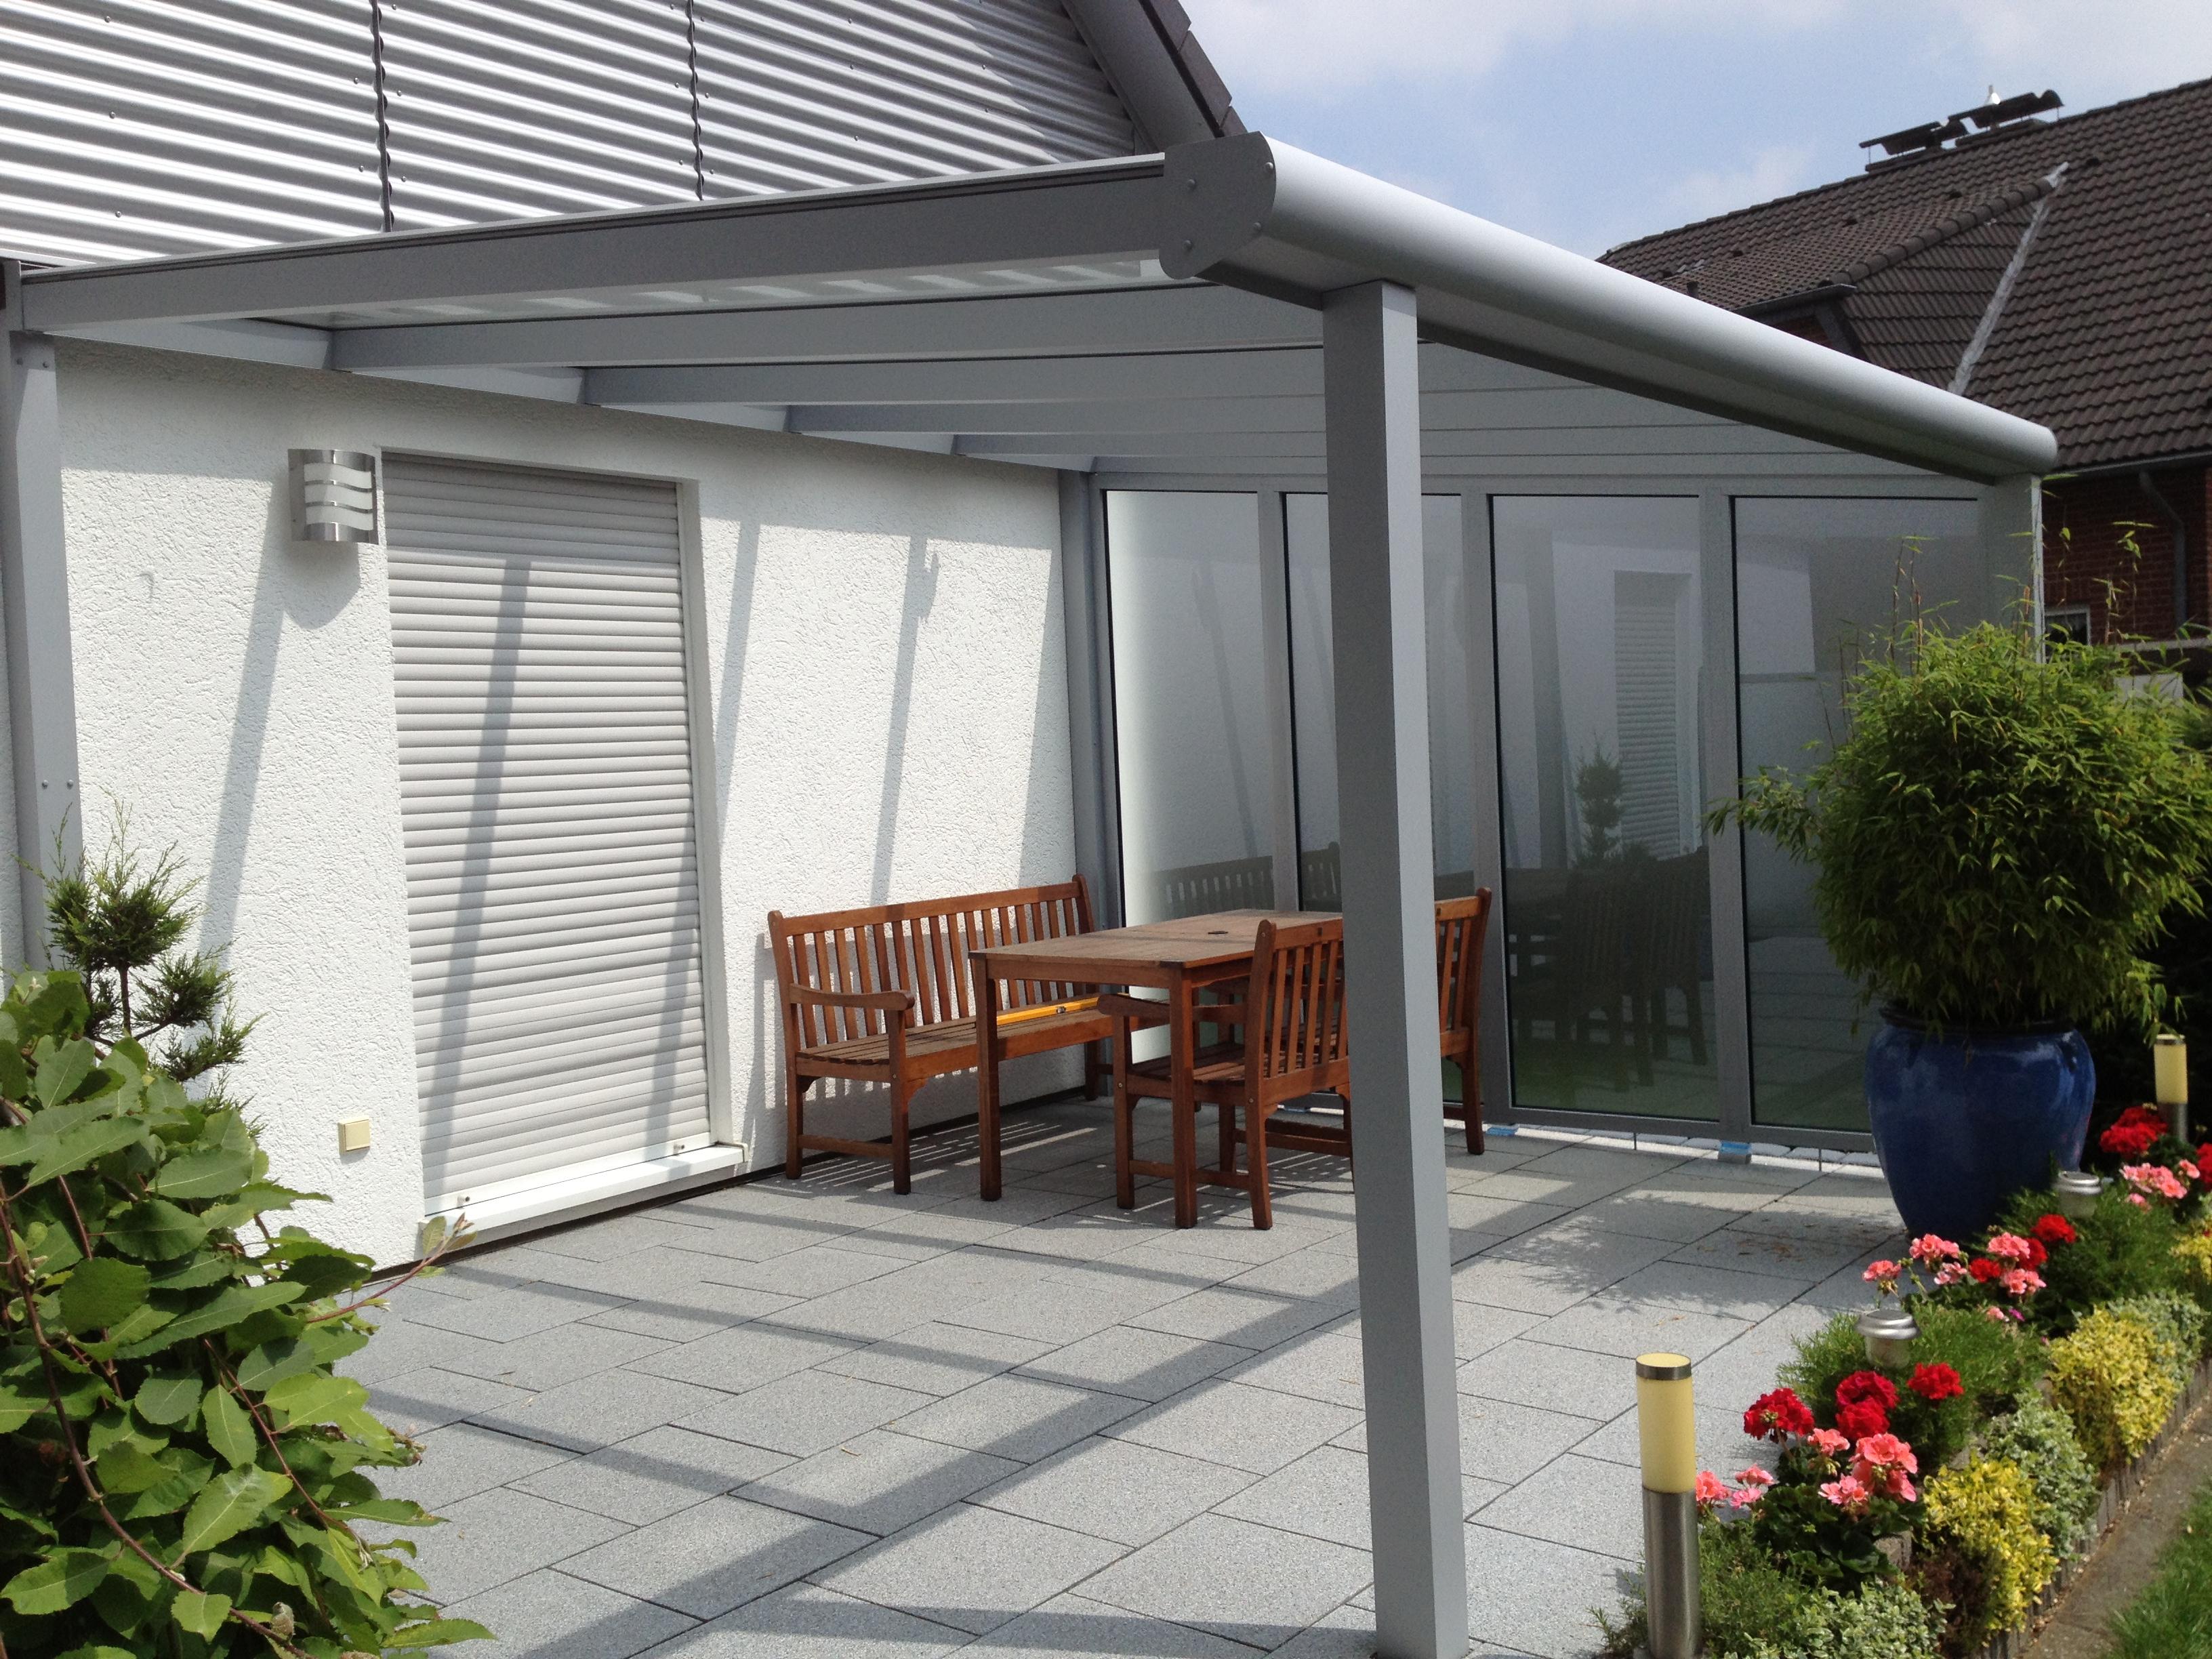 wintergarten und terrassen berdachungen terrassendach angebote preise terrassendach ruhrgebiet. Black Bedroom Furniture Sets. Home Design Ideas